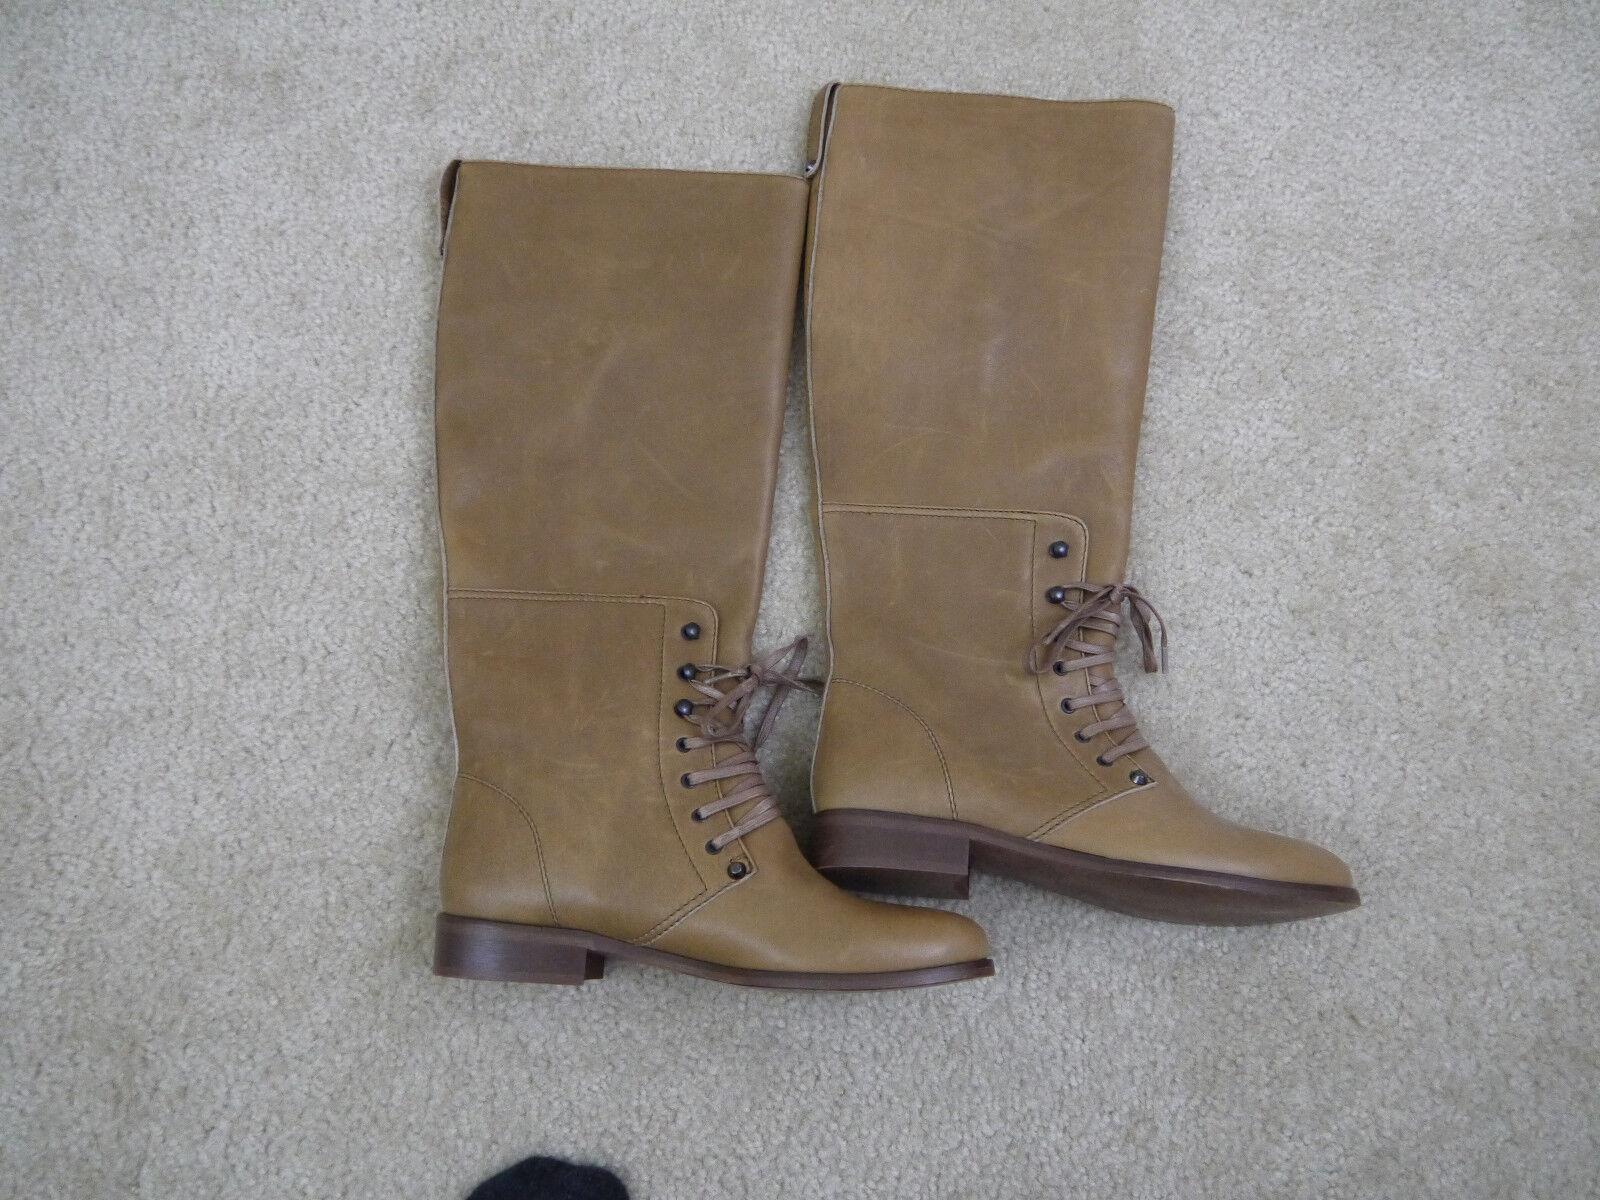 325 J.Crew Owen tall boots Tan size 7 Item 49094 NWOB